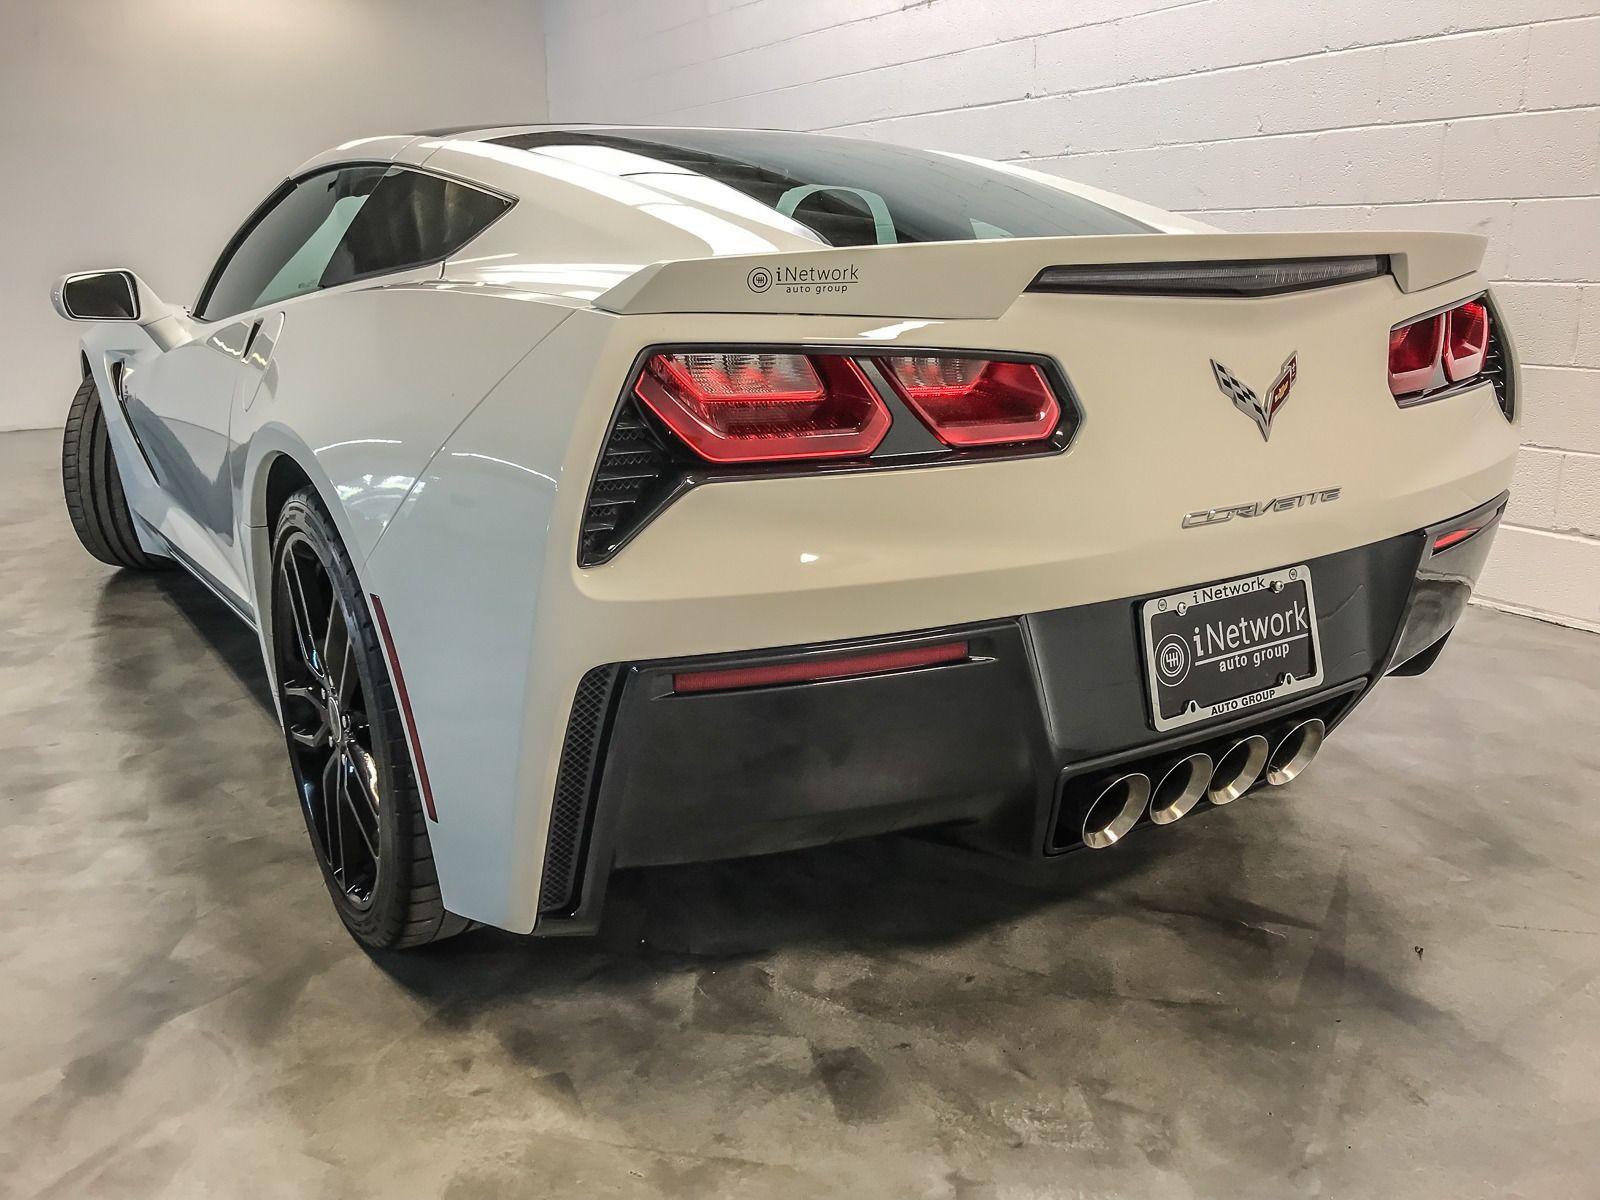 Used 2014 Chevrolet Corvette Stingray Z51 For Sale 42 991